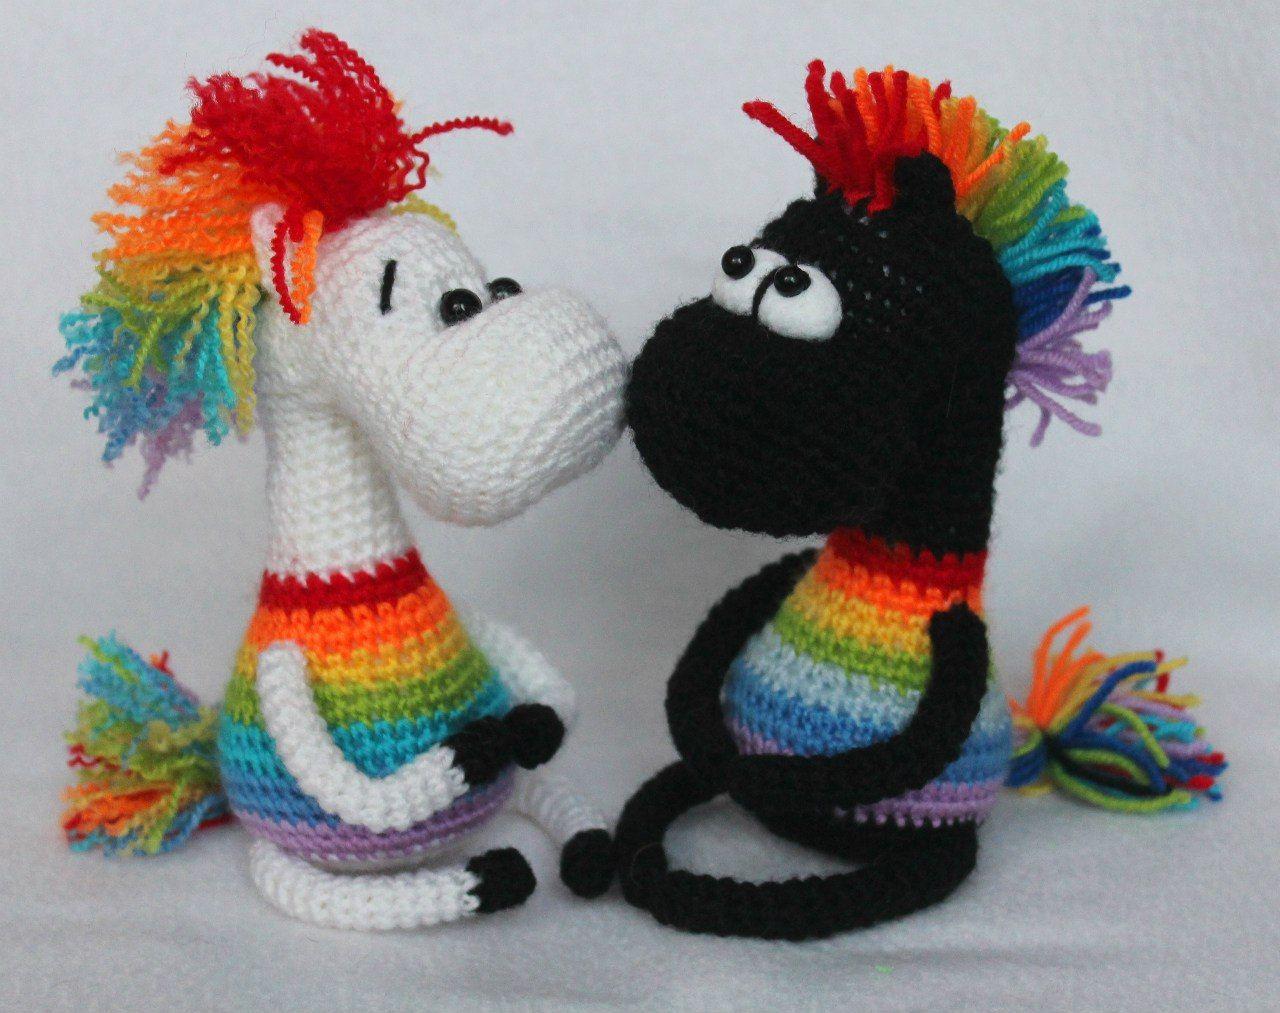 caballo del arco iris amigurumi libre patrón | Amigurumi | Pinterest ...